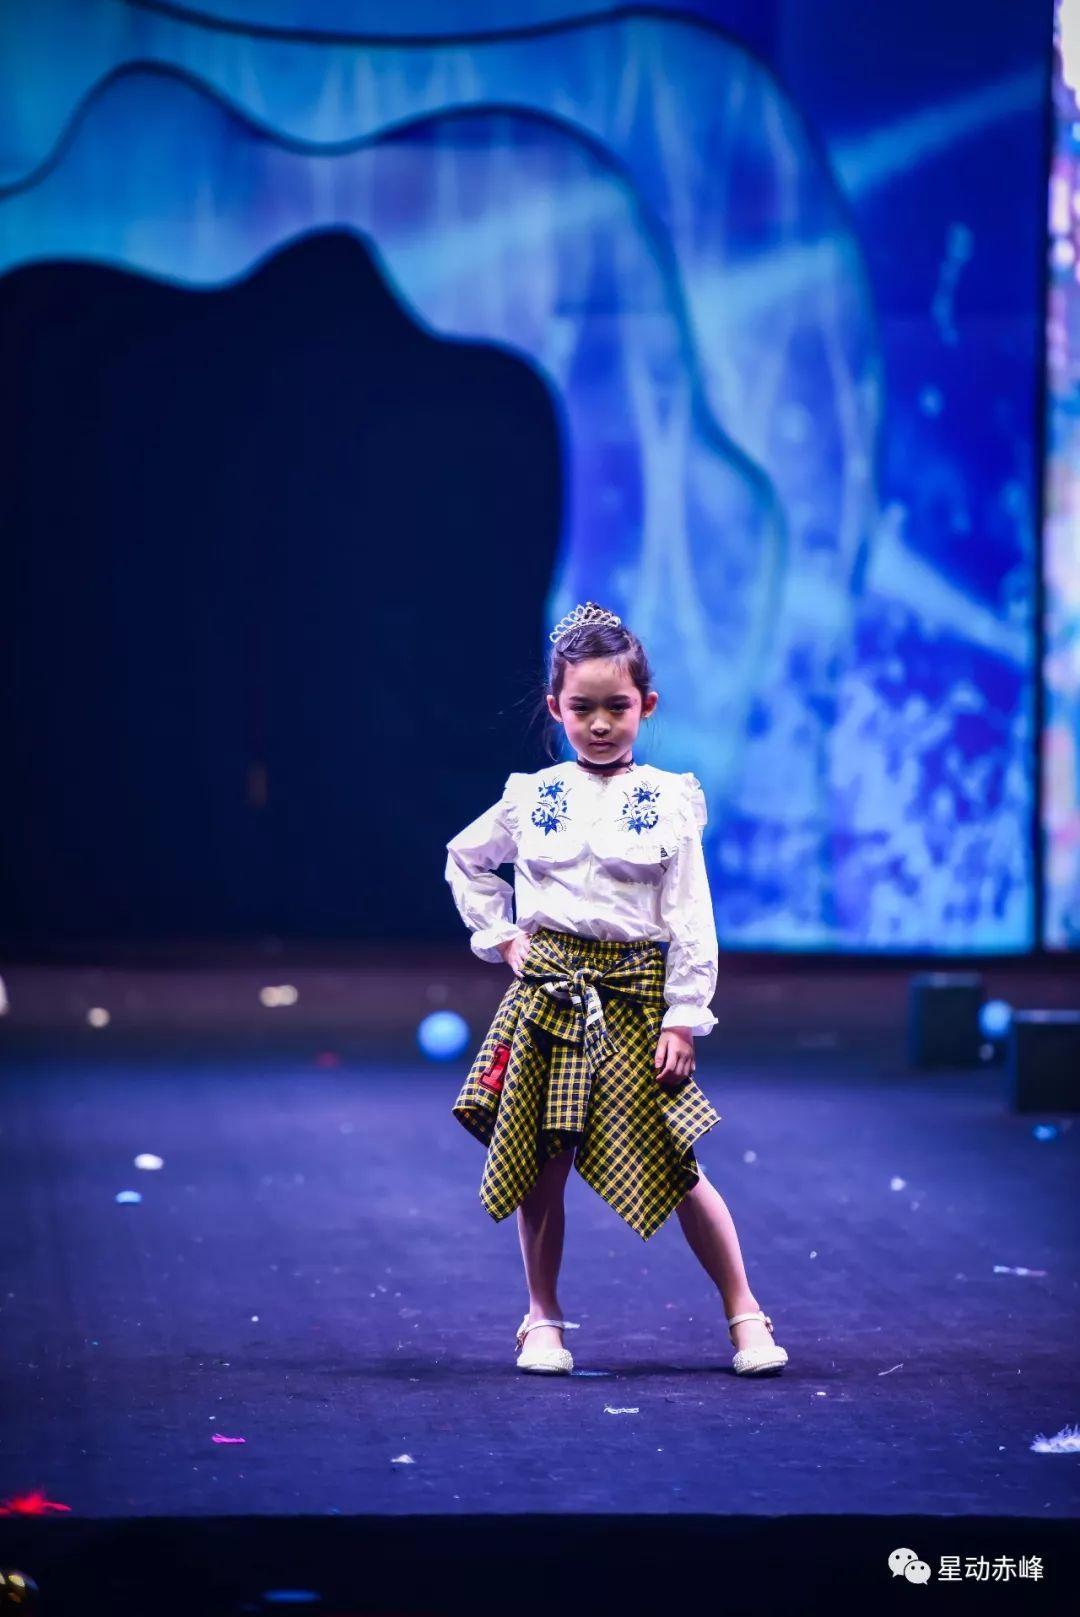 2018cip国际少儿模特明星盛典 【赤峰】赛区总决赛